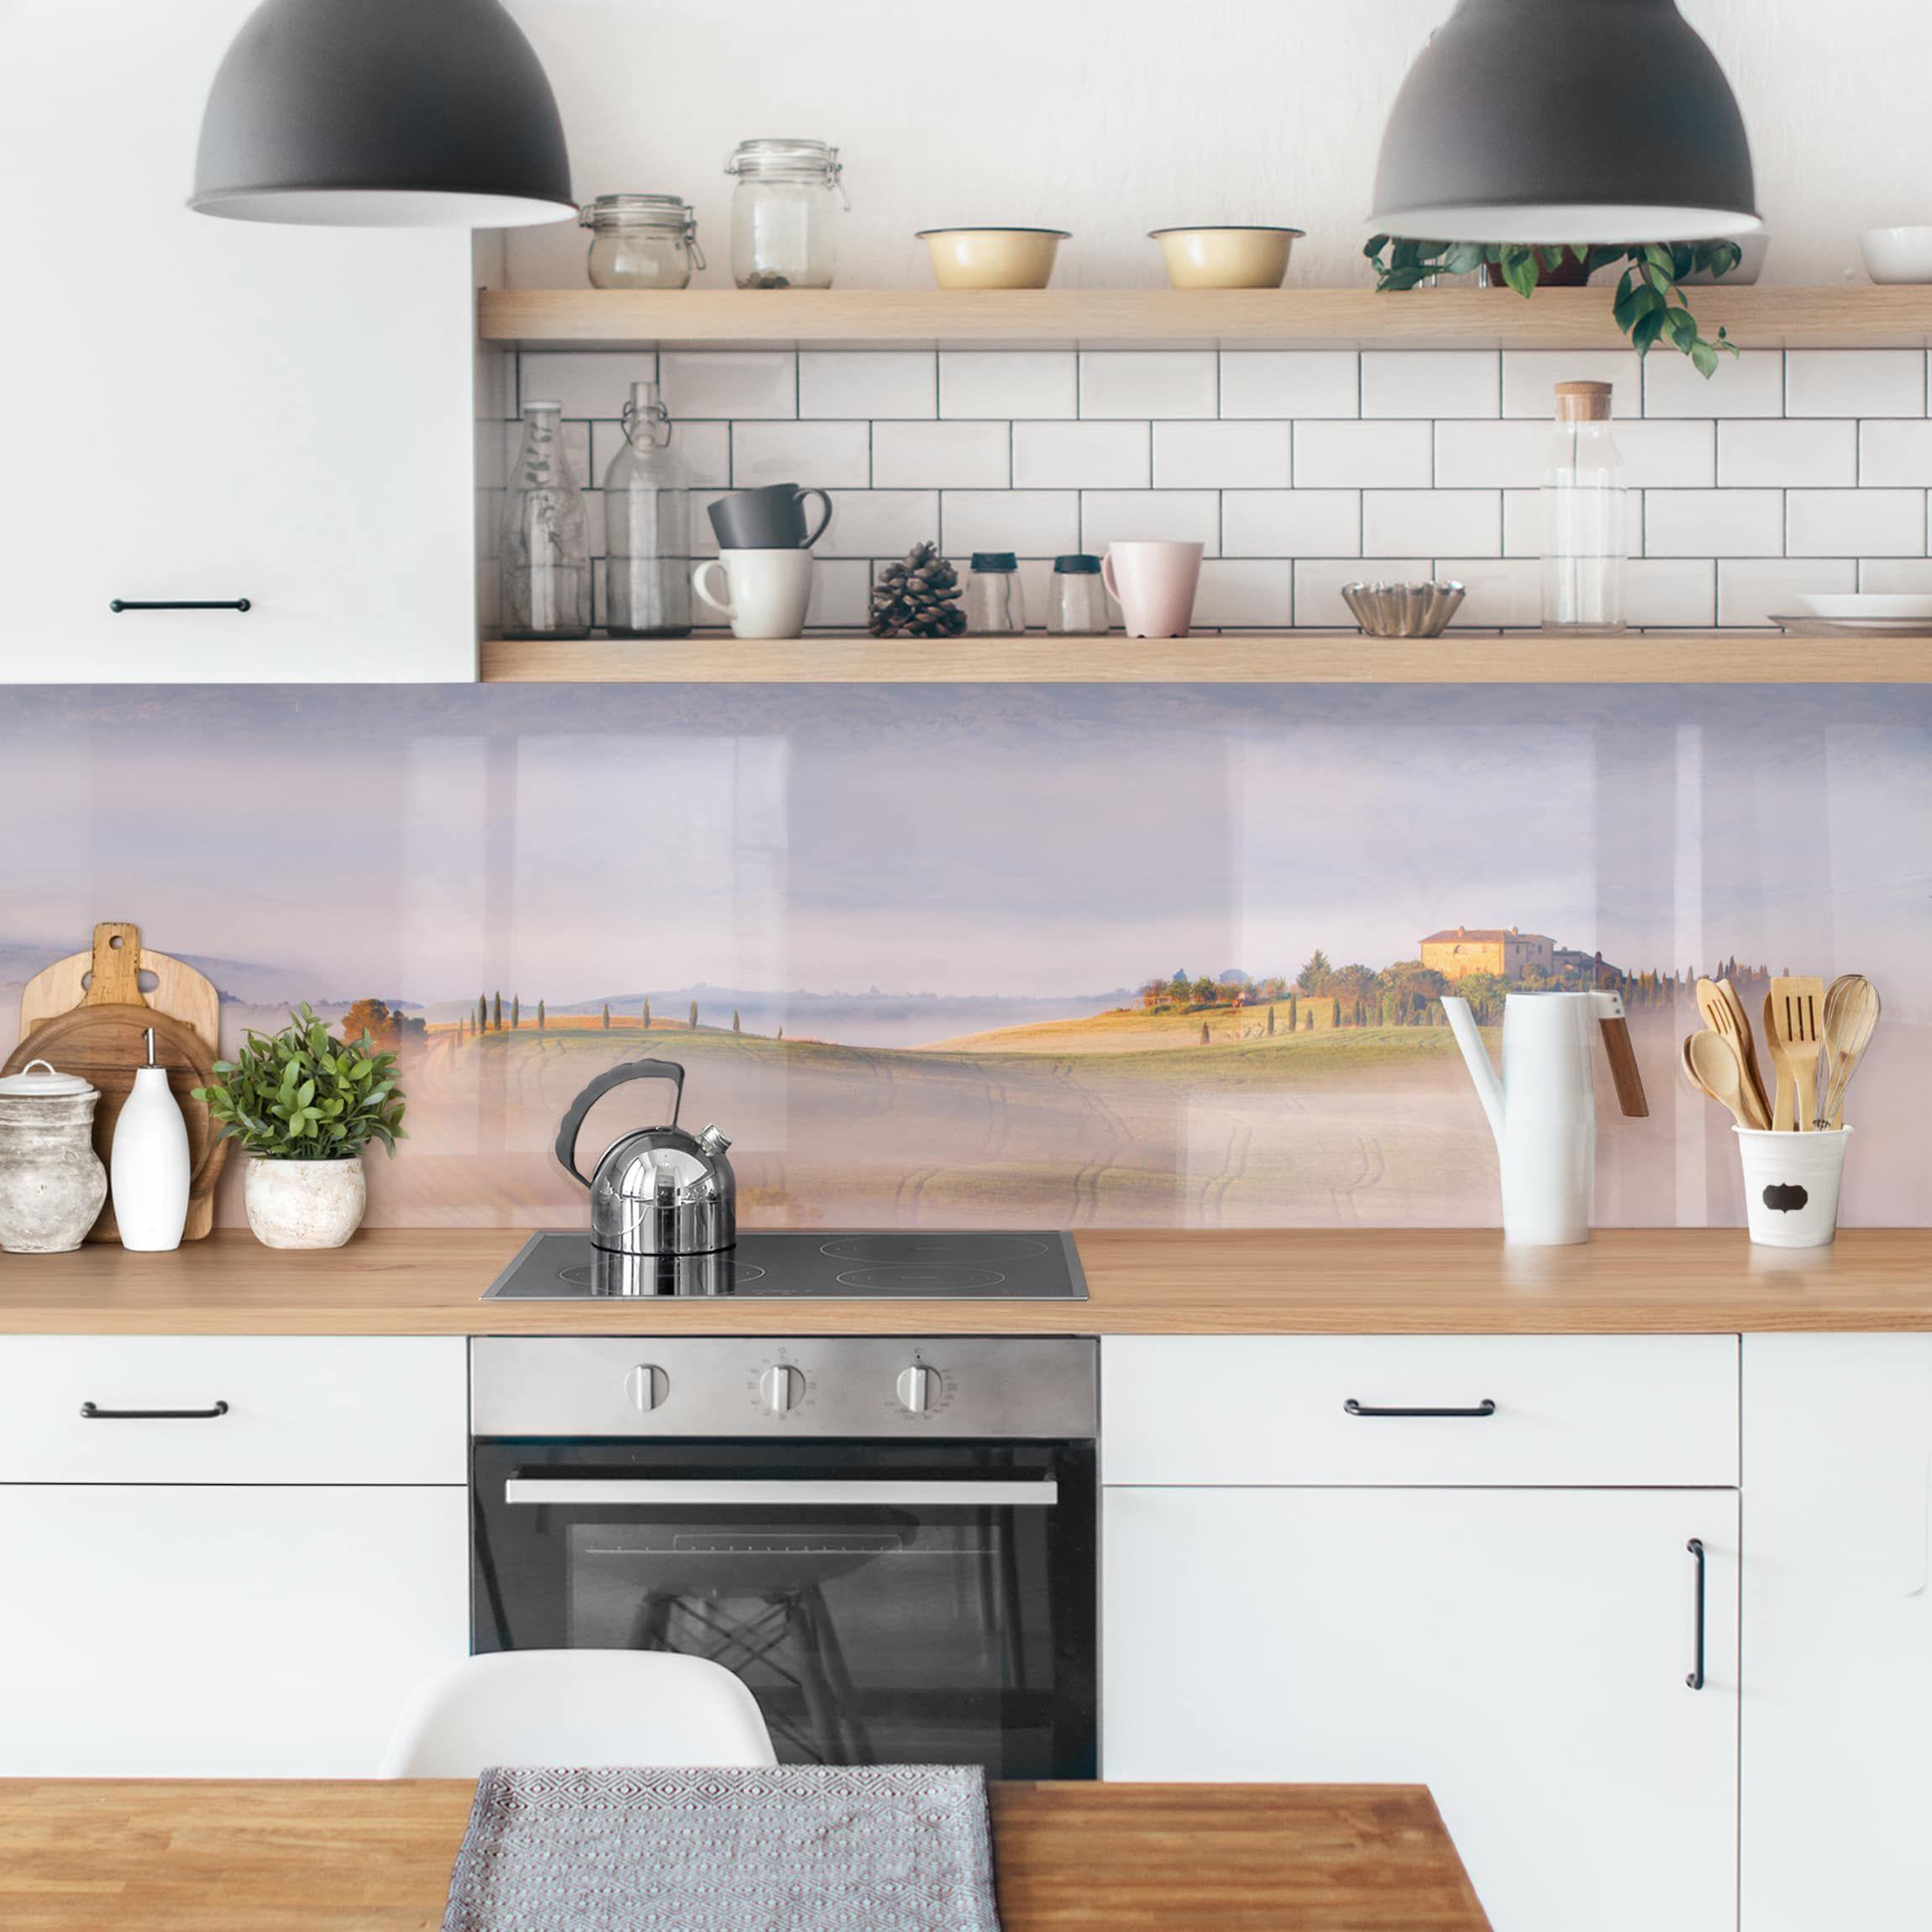 Rivestimento cucina - Cipressi Lungo La Strada | Piastrelle ...